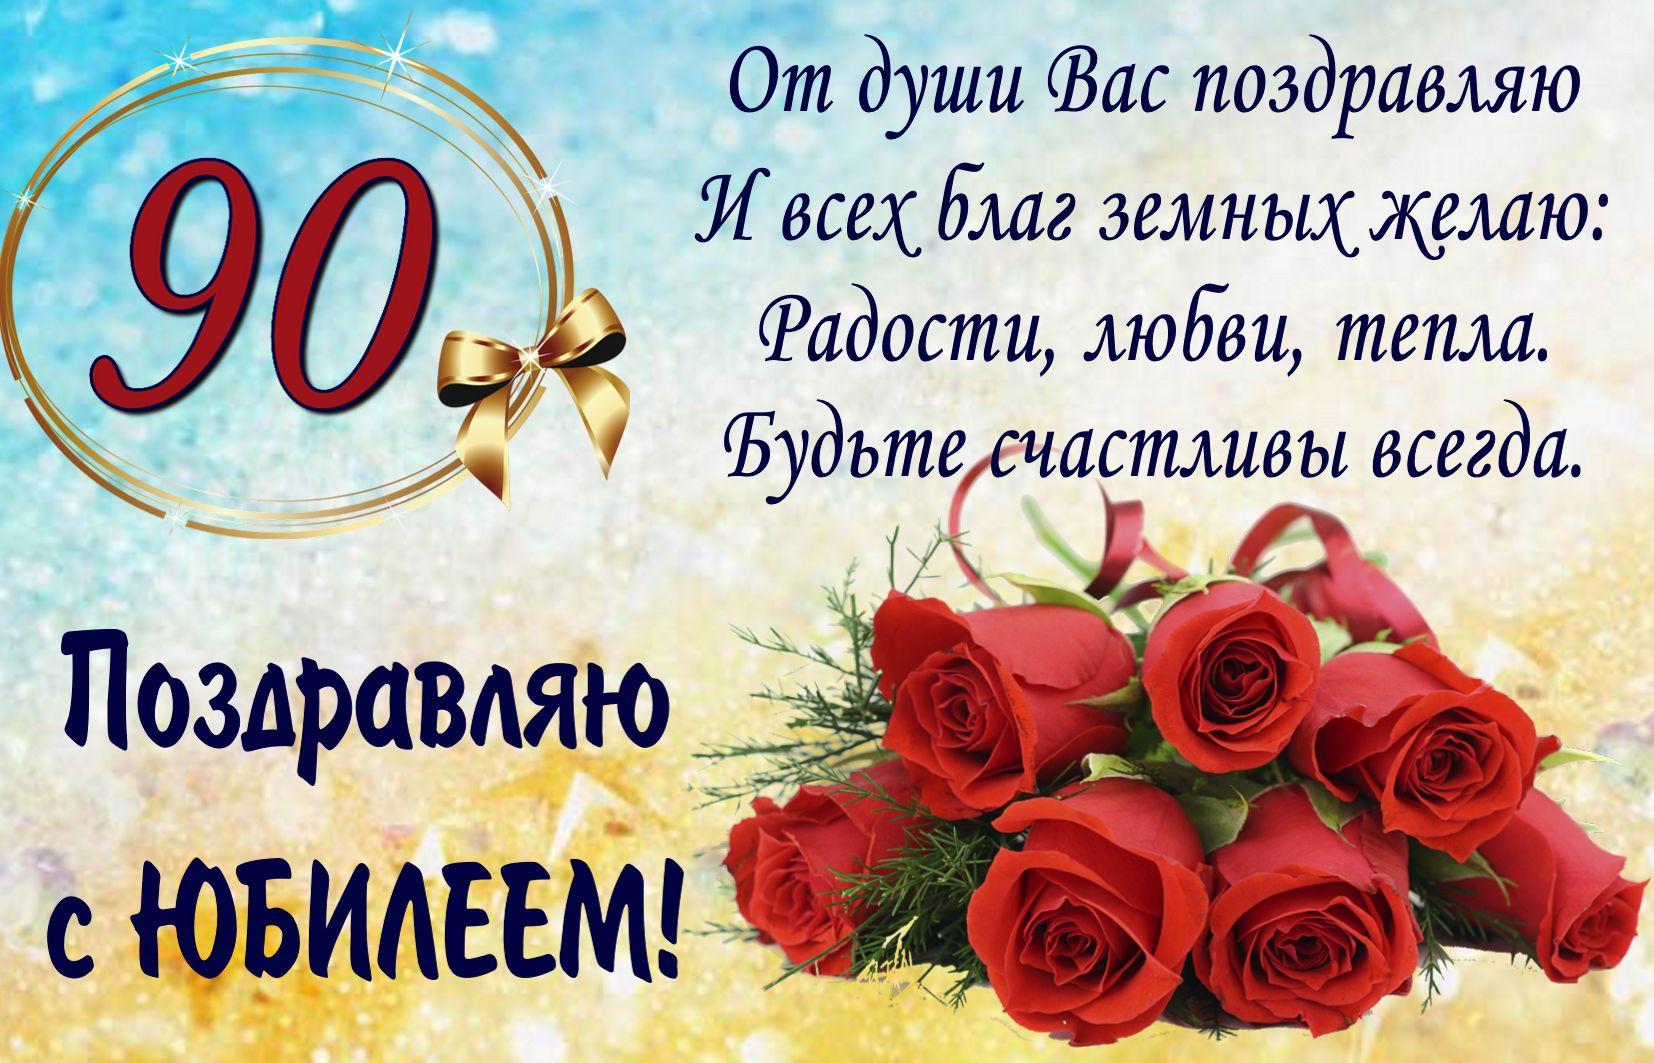 Открытка на юбилей 90 лет - поздравление от души и букет роз